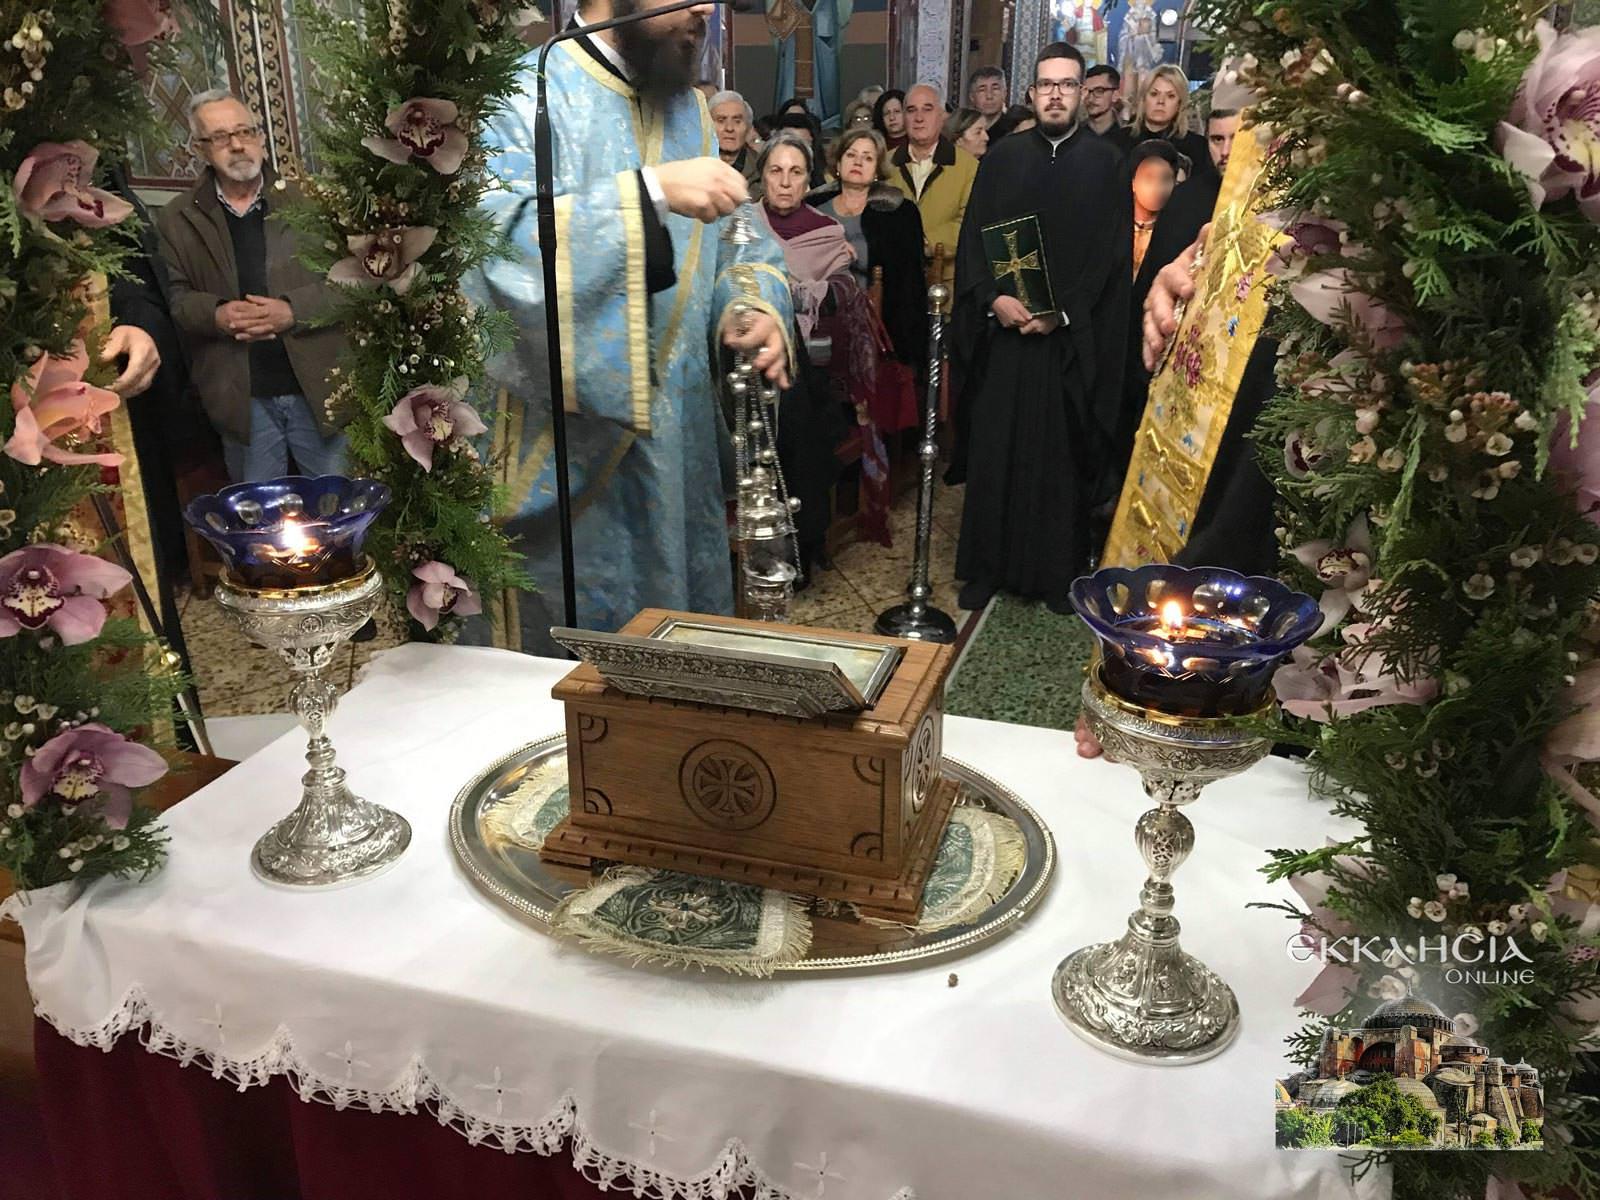 Ιερά Λείψανα Αγίου Νικολάου και Ειρήνης Χαλκίδα